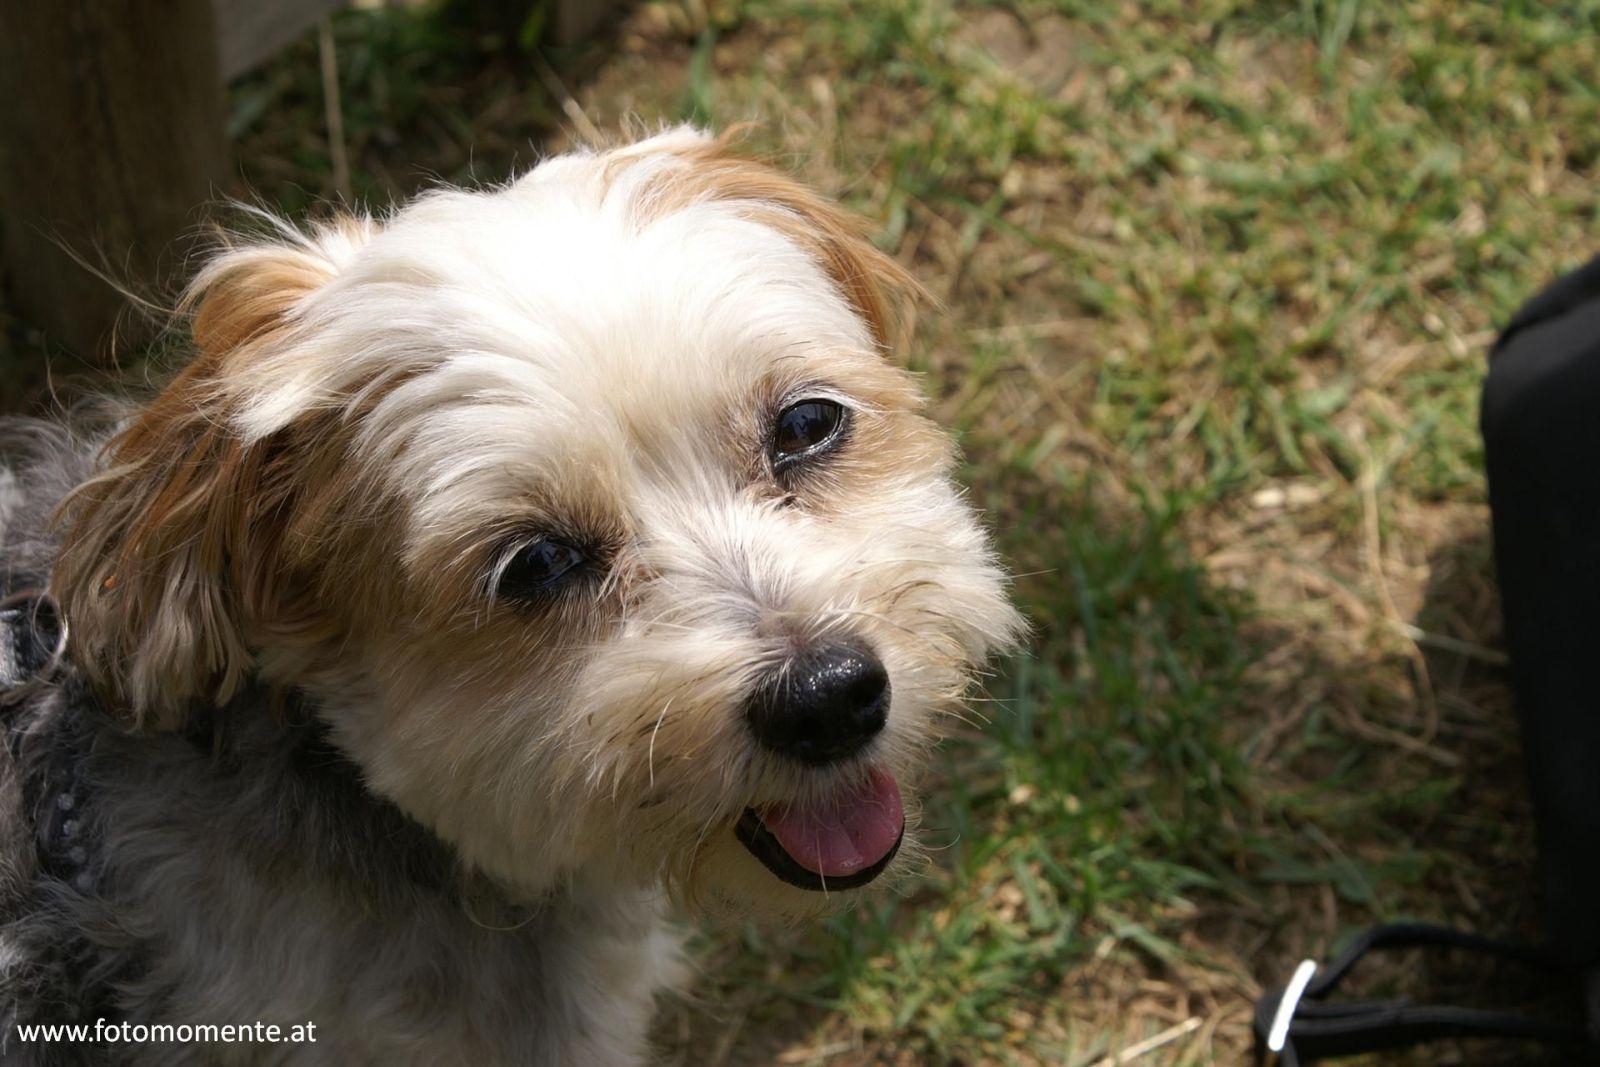 Süsser Hund / Wauzi - Gesichtsfoto